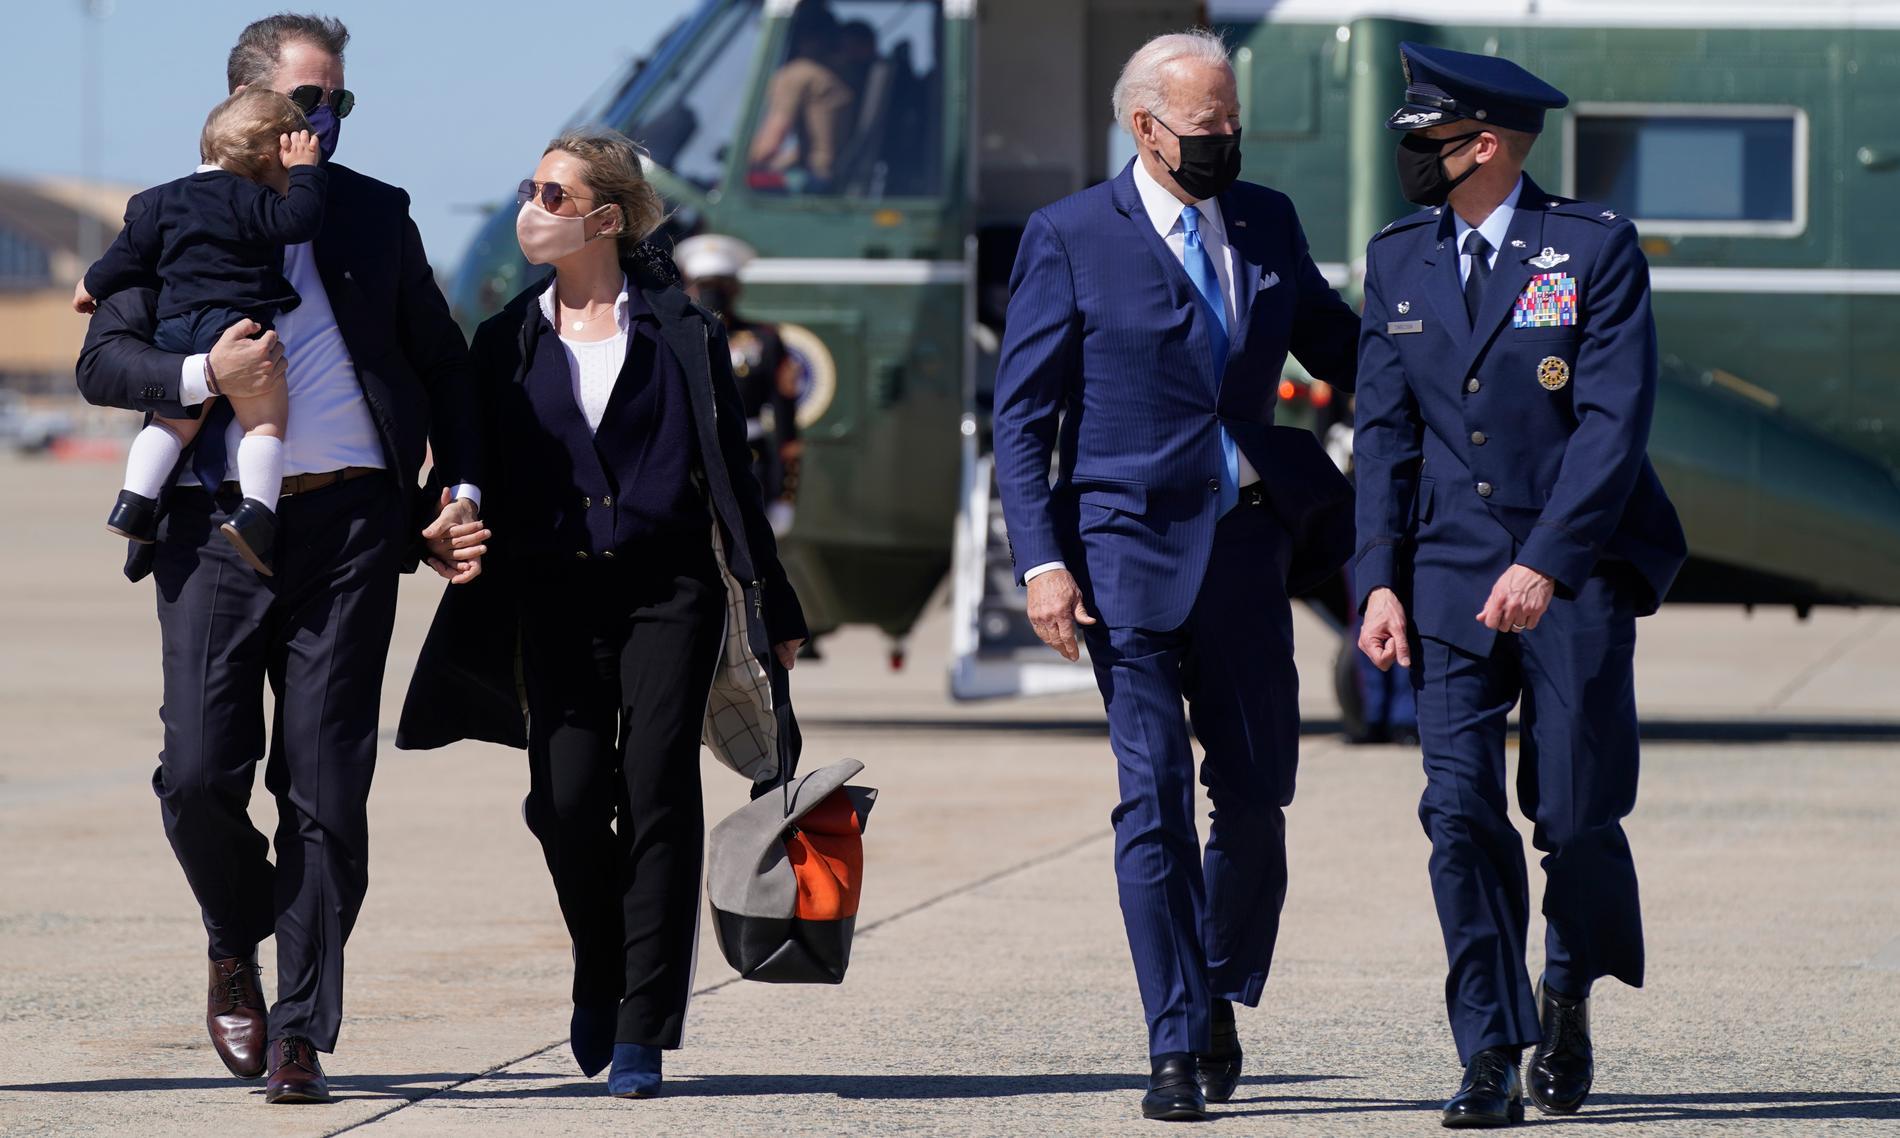 President Joe Biden påväg mot Air Force One tillsammans med sonen Hunter Biden, Hunters fru Melissa Cohen och sonen Beau.